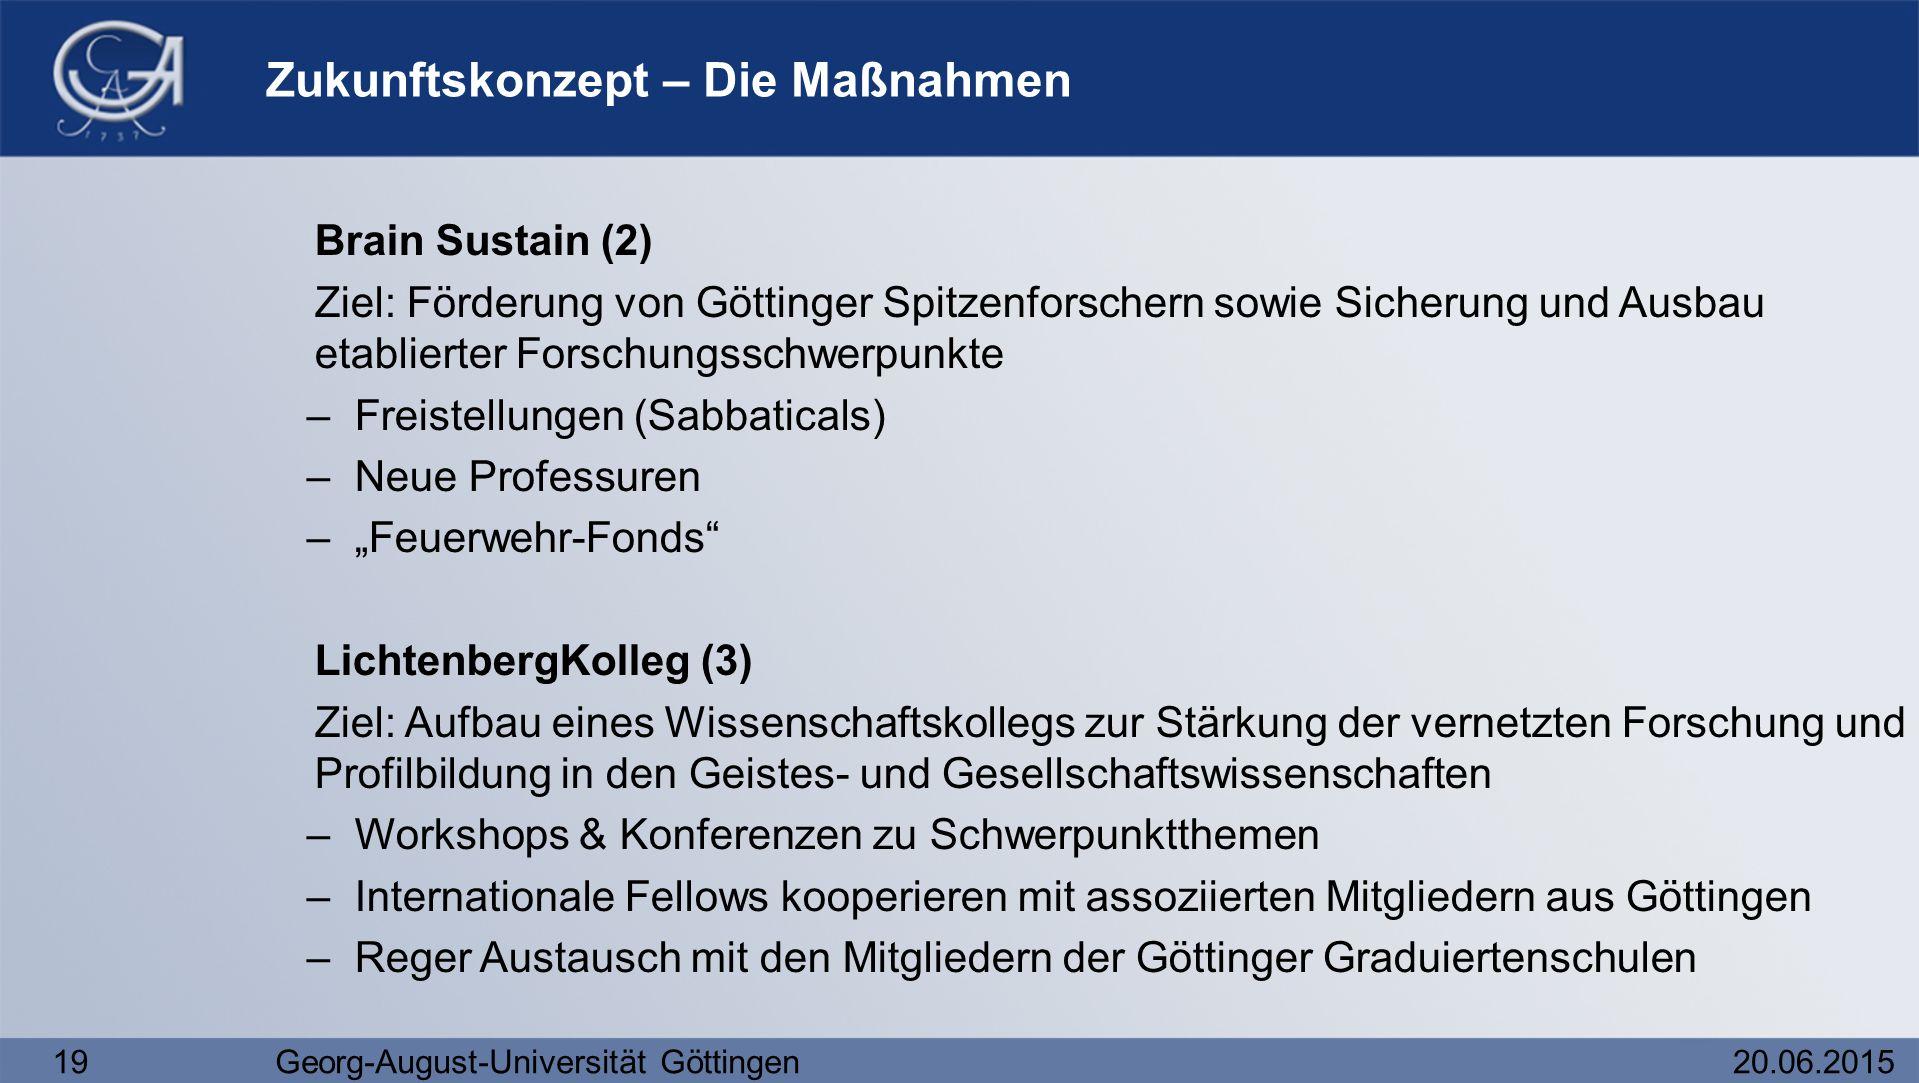 19Georg-August-Universität Göttingen20.06.2015 Zukunftskonzept – Die Maßnahmen Brain Sustain (2) Ziel: Förderung von Göttinger Spitzenforschern sowie